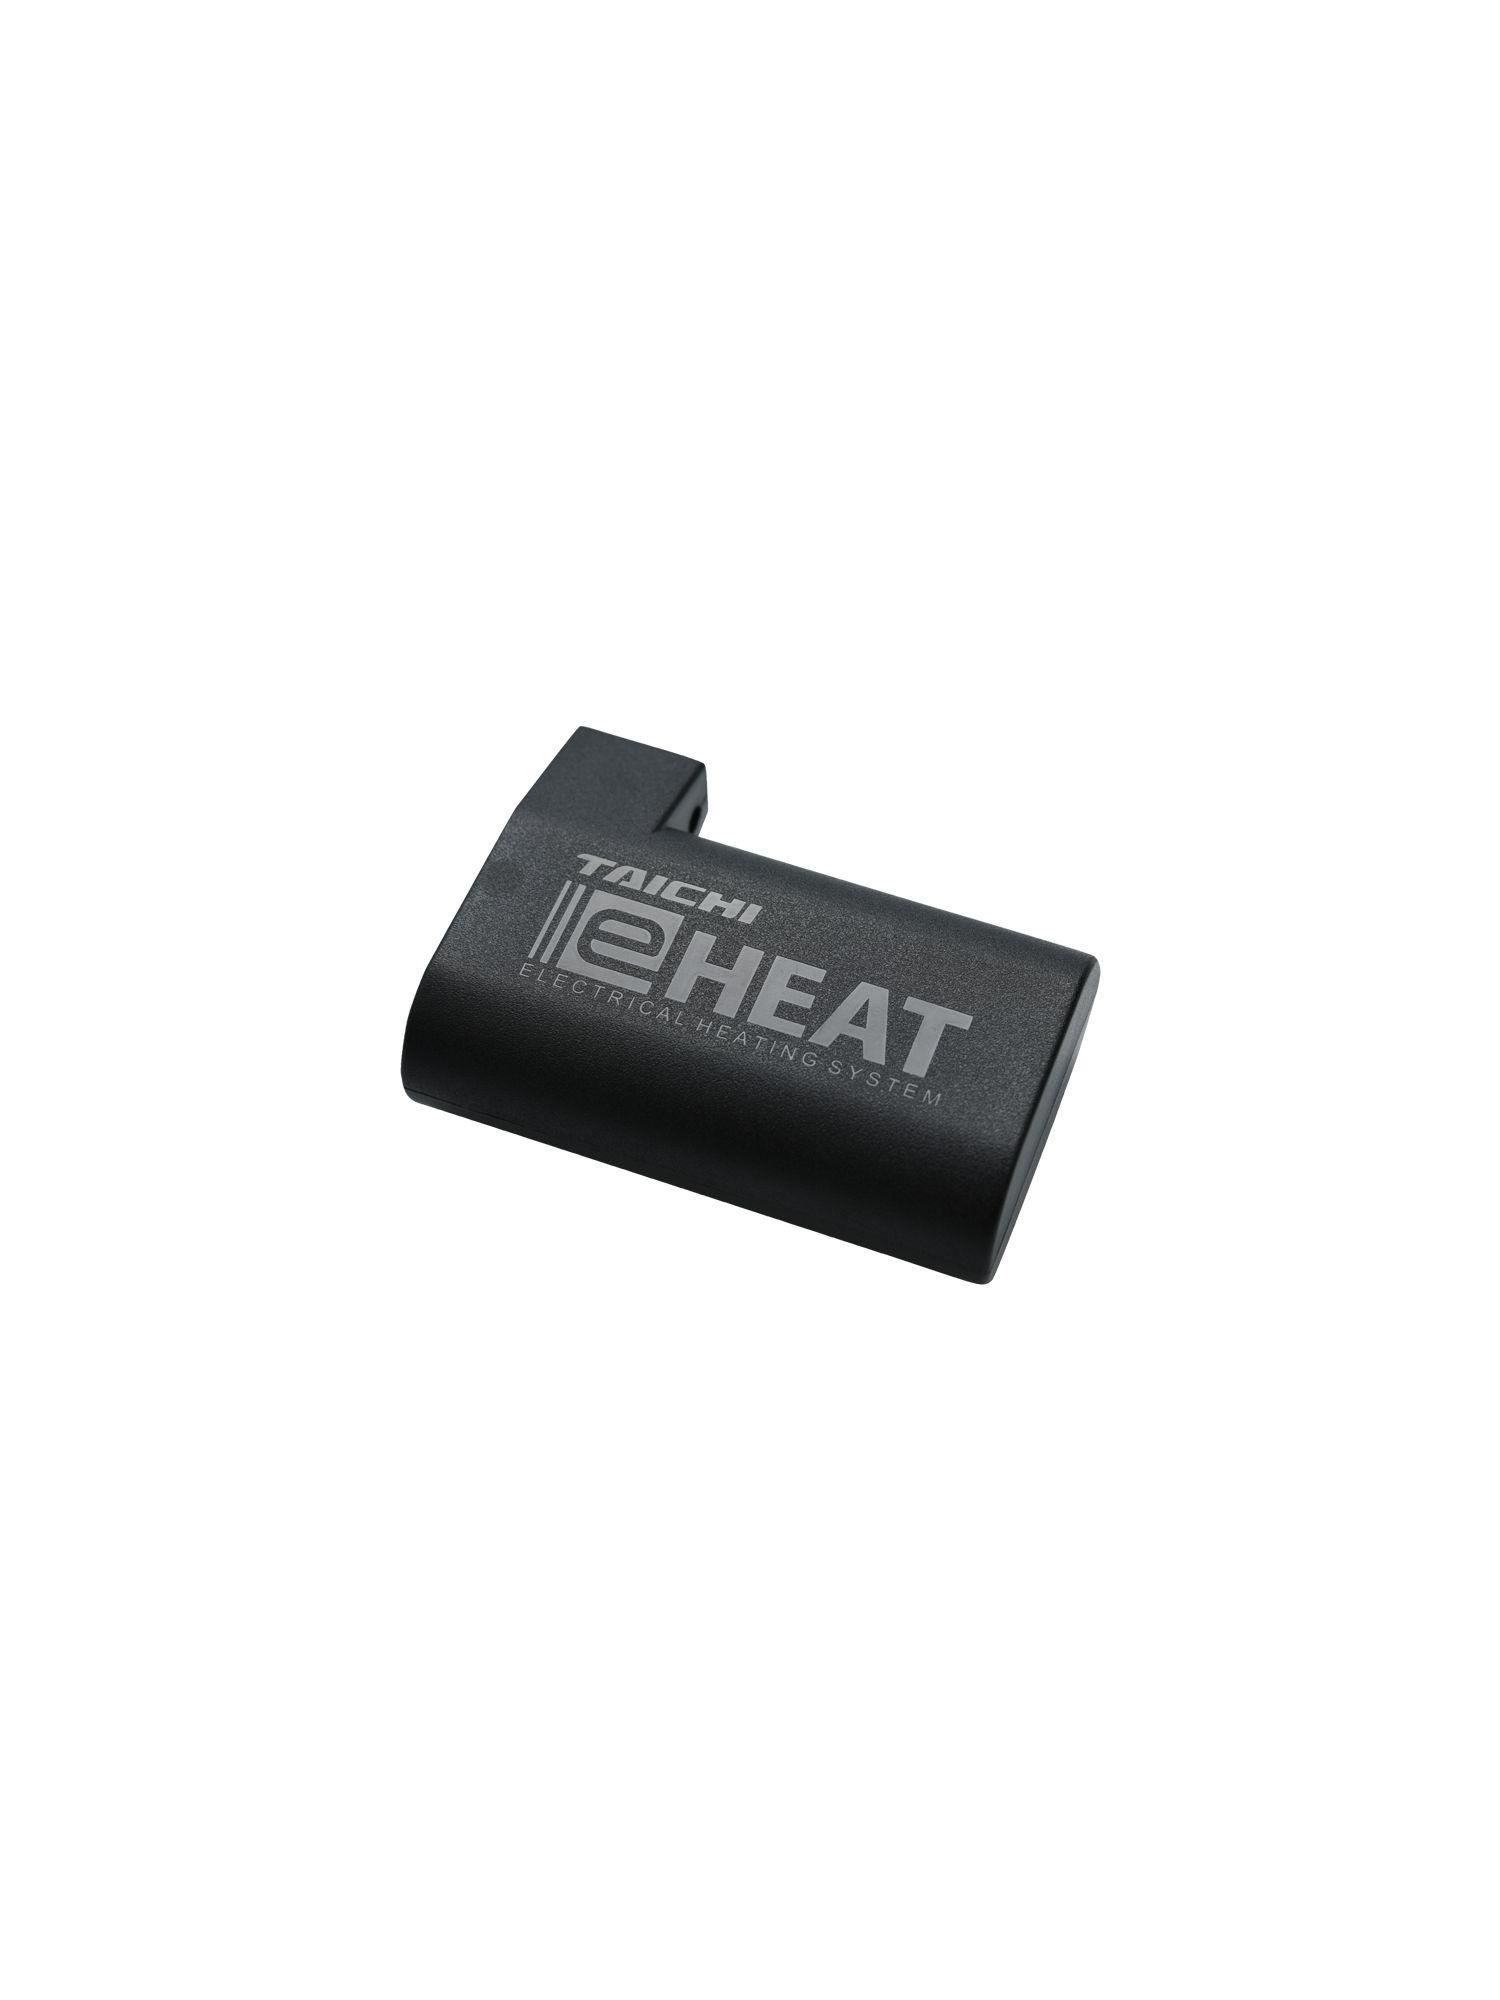 RSP058 | e-HEAT 7.2V専用バッテリー:1個